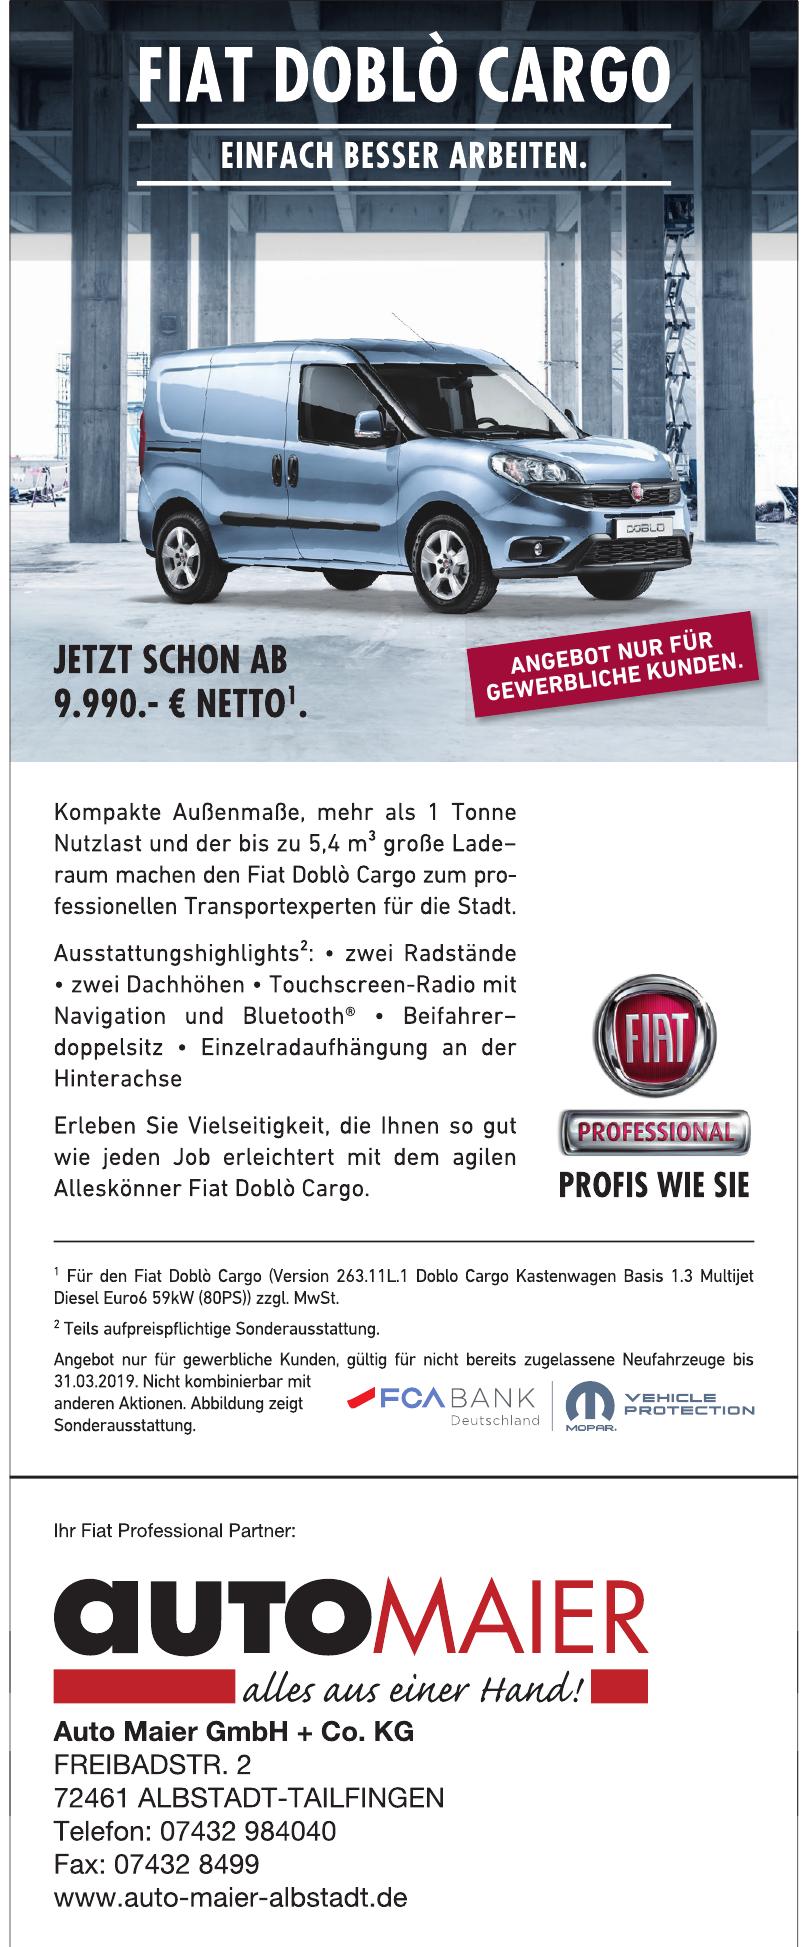 Auto Maier GmbH + Co. KG